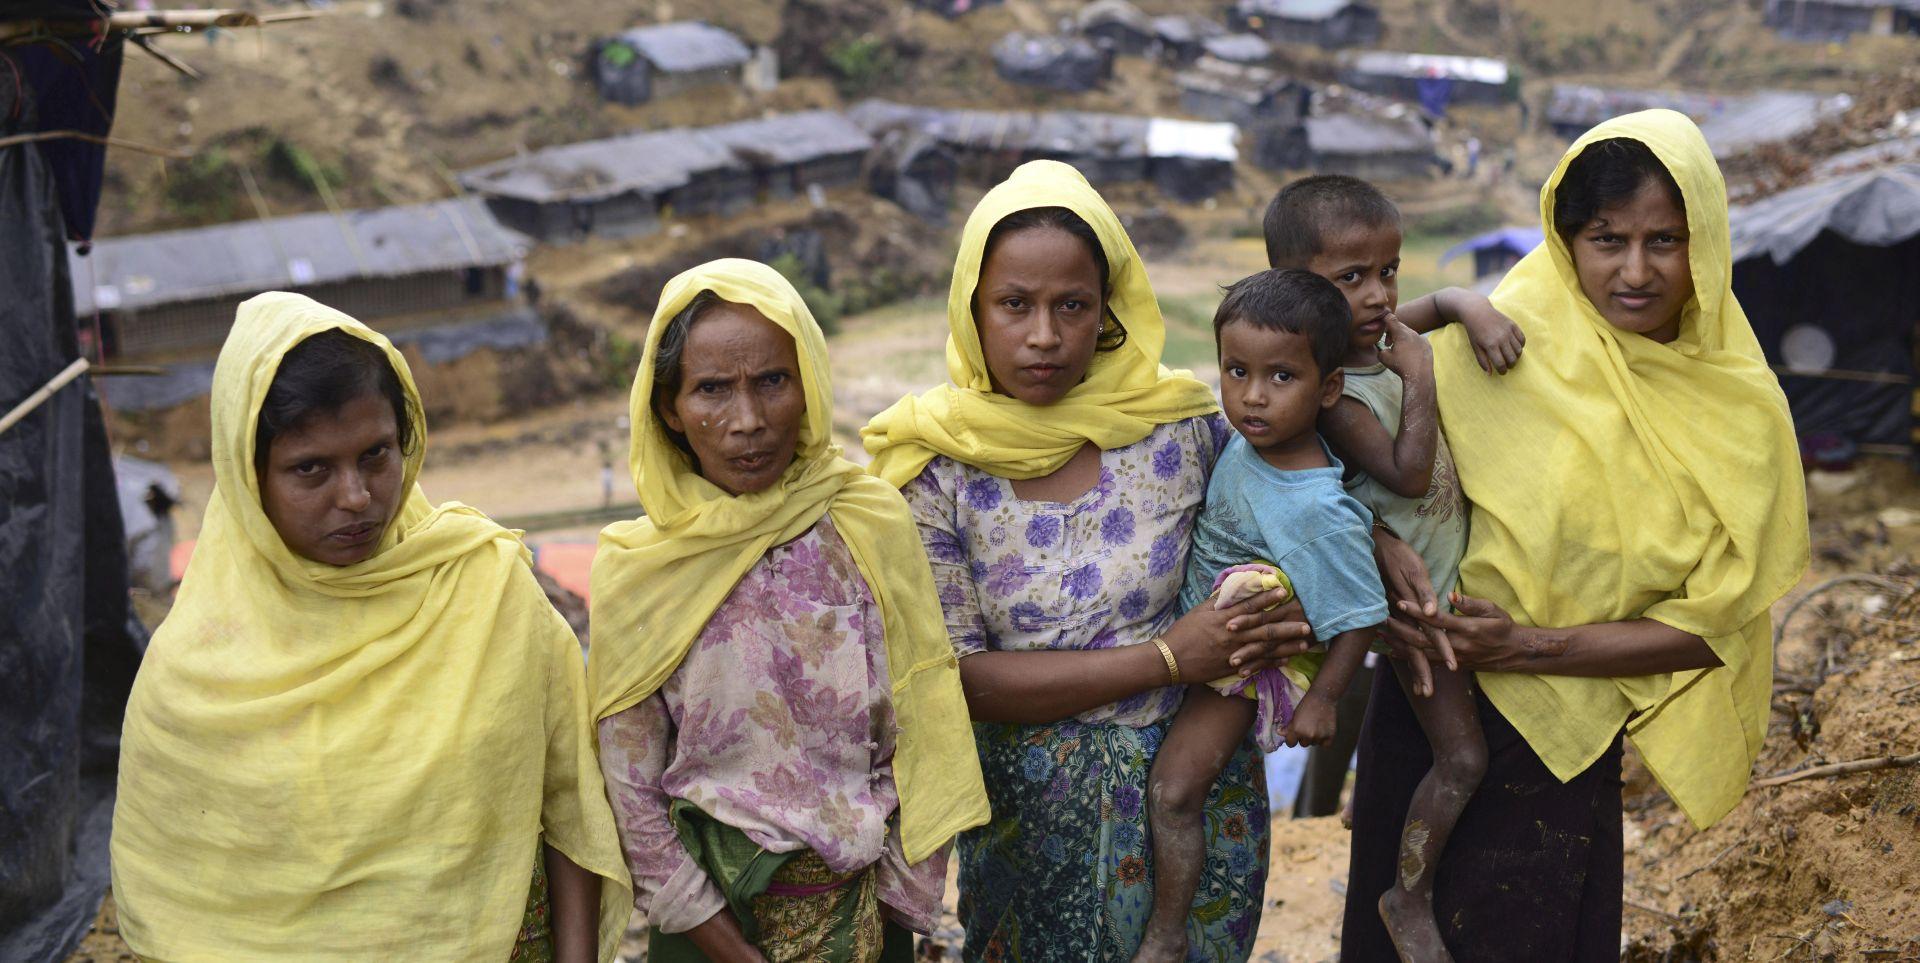 AGONIJA Najmanje 12 mrtvih u brodolomu Rohindža izbjeglih u Bangladeš